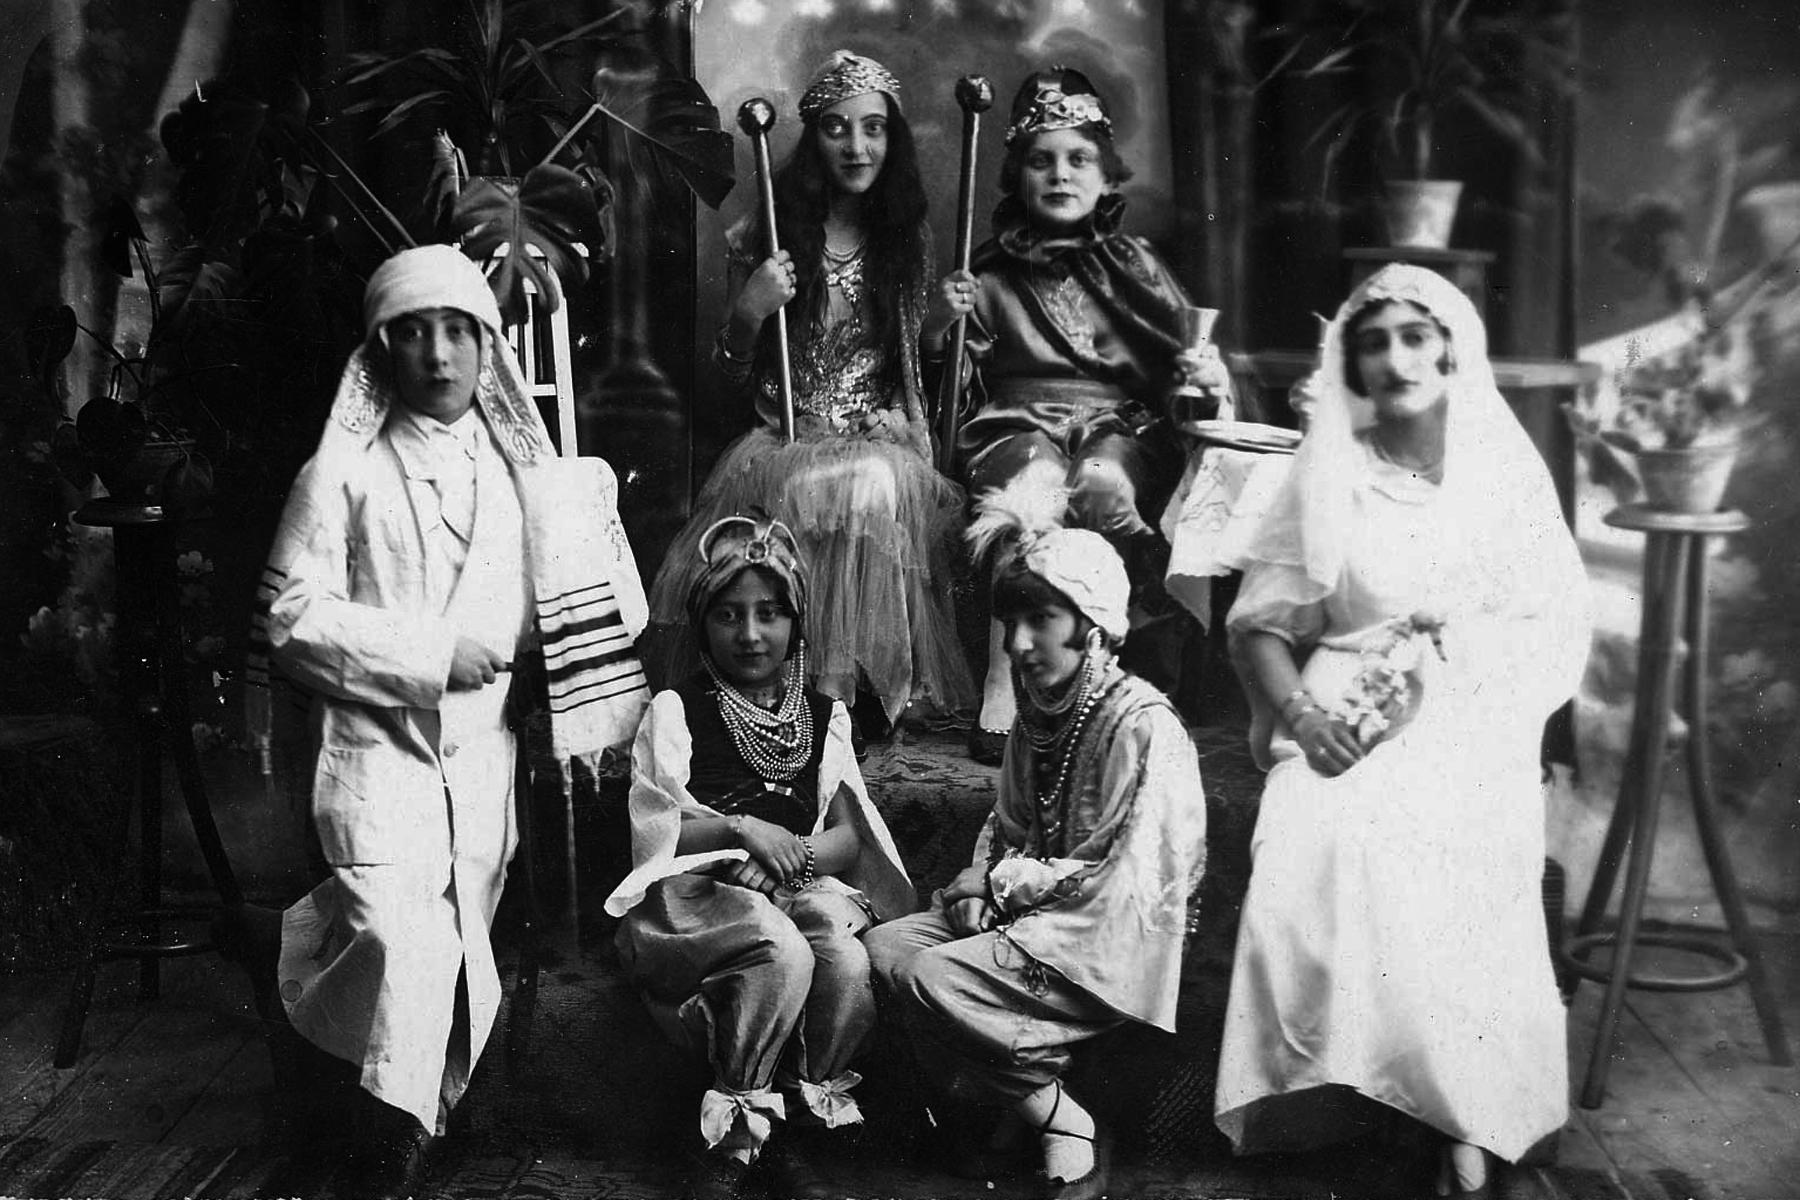 Acteurs d'une pièce de théâtre à l'occasion de Pourim à Chorostkow, Pologne, 1934.